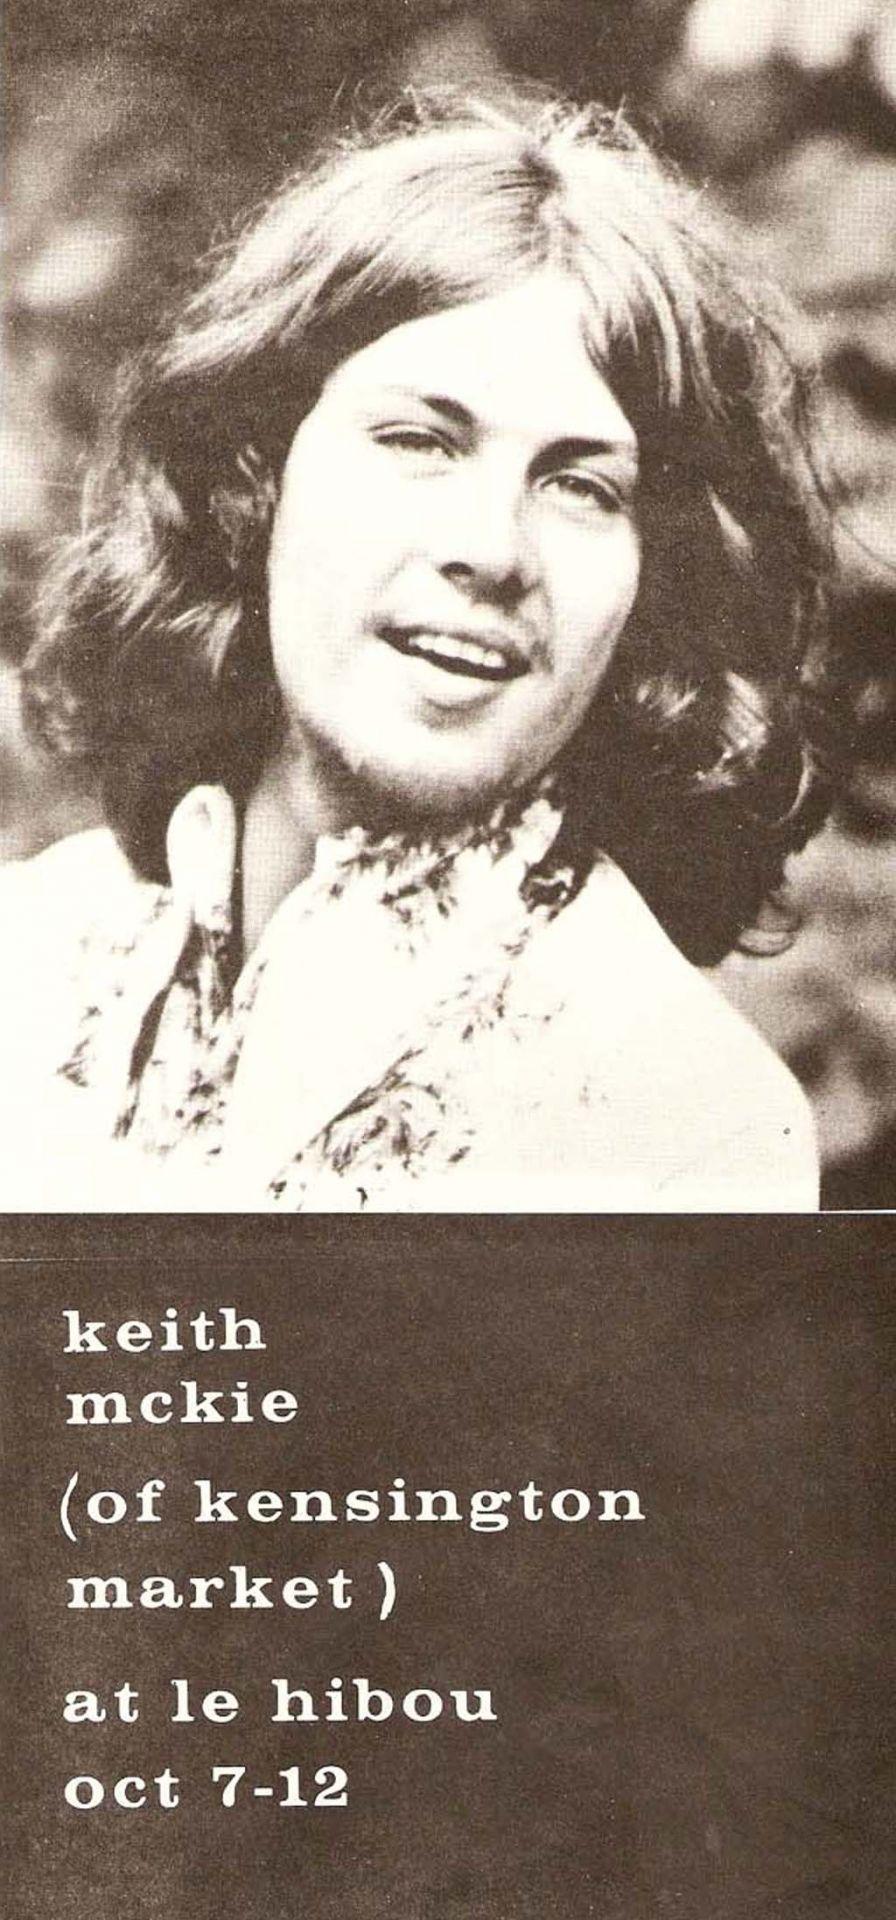 Keith McKie